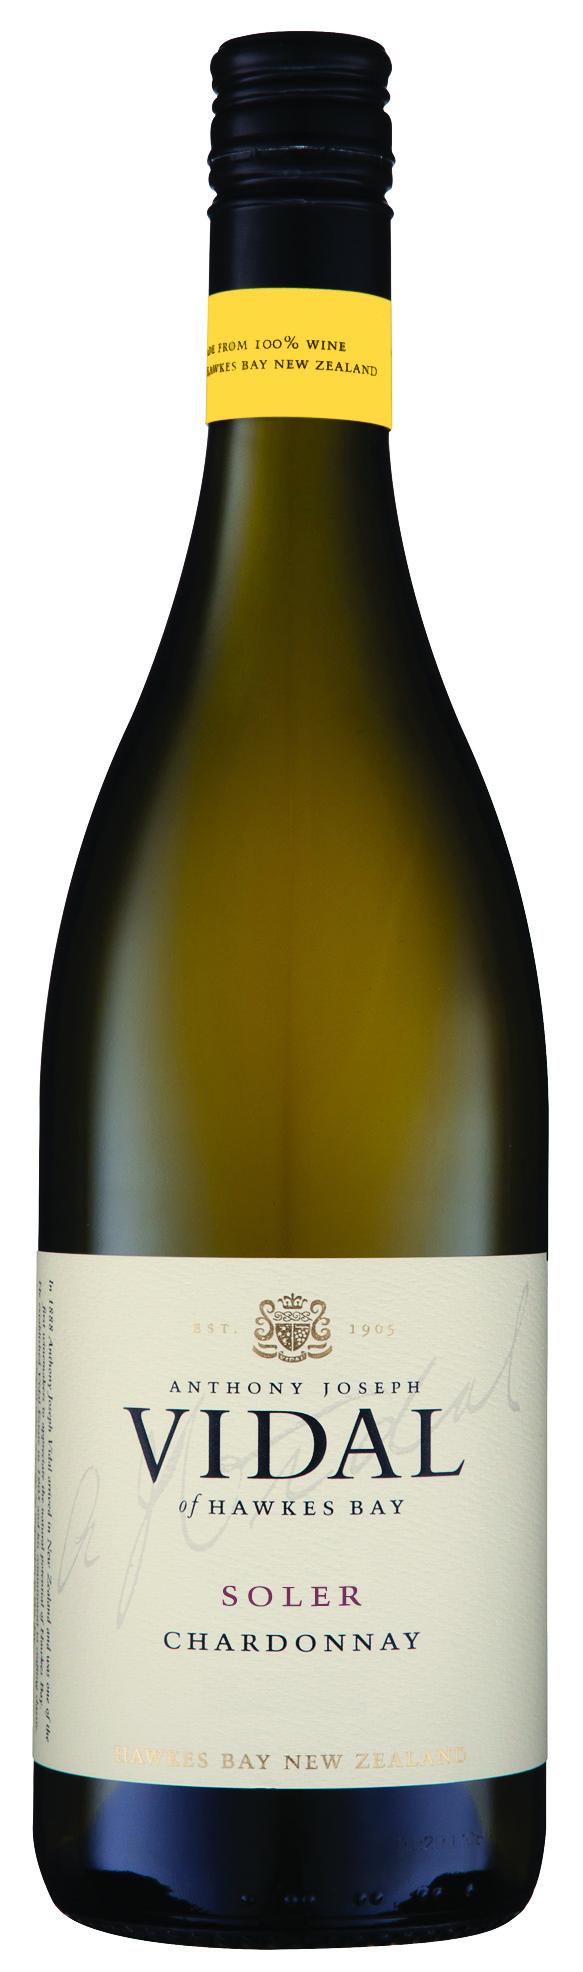 Vidal Solar Chardonnay